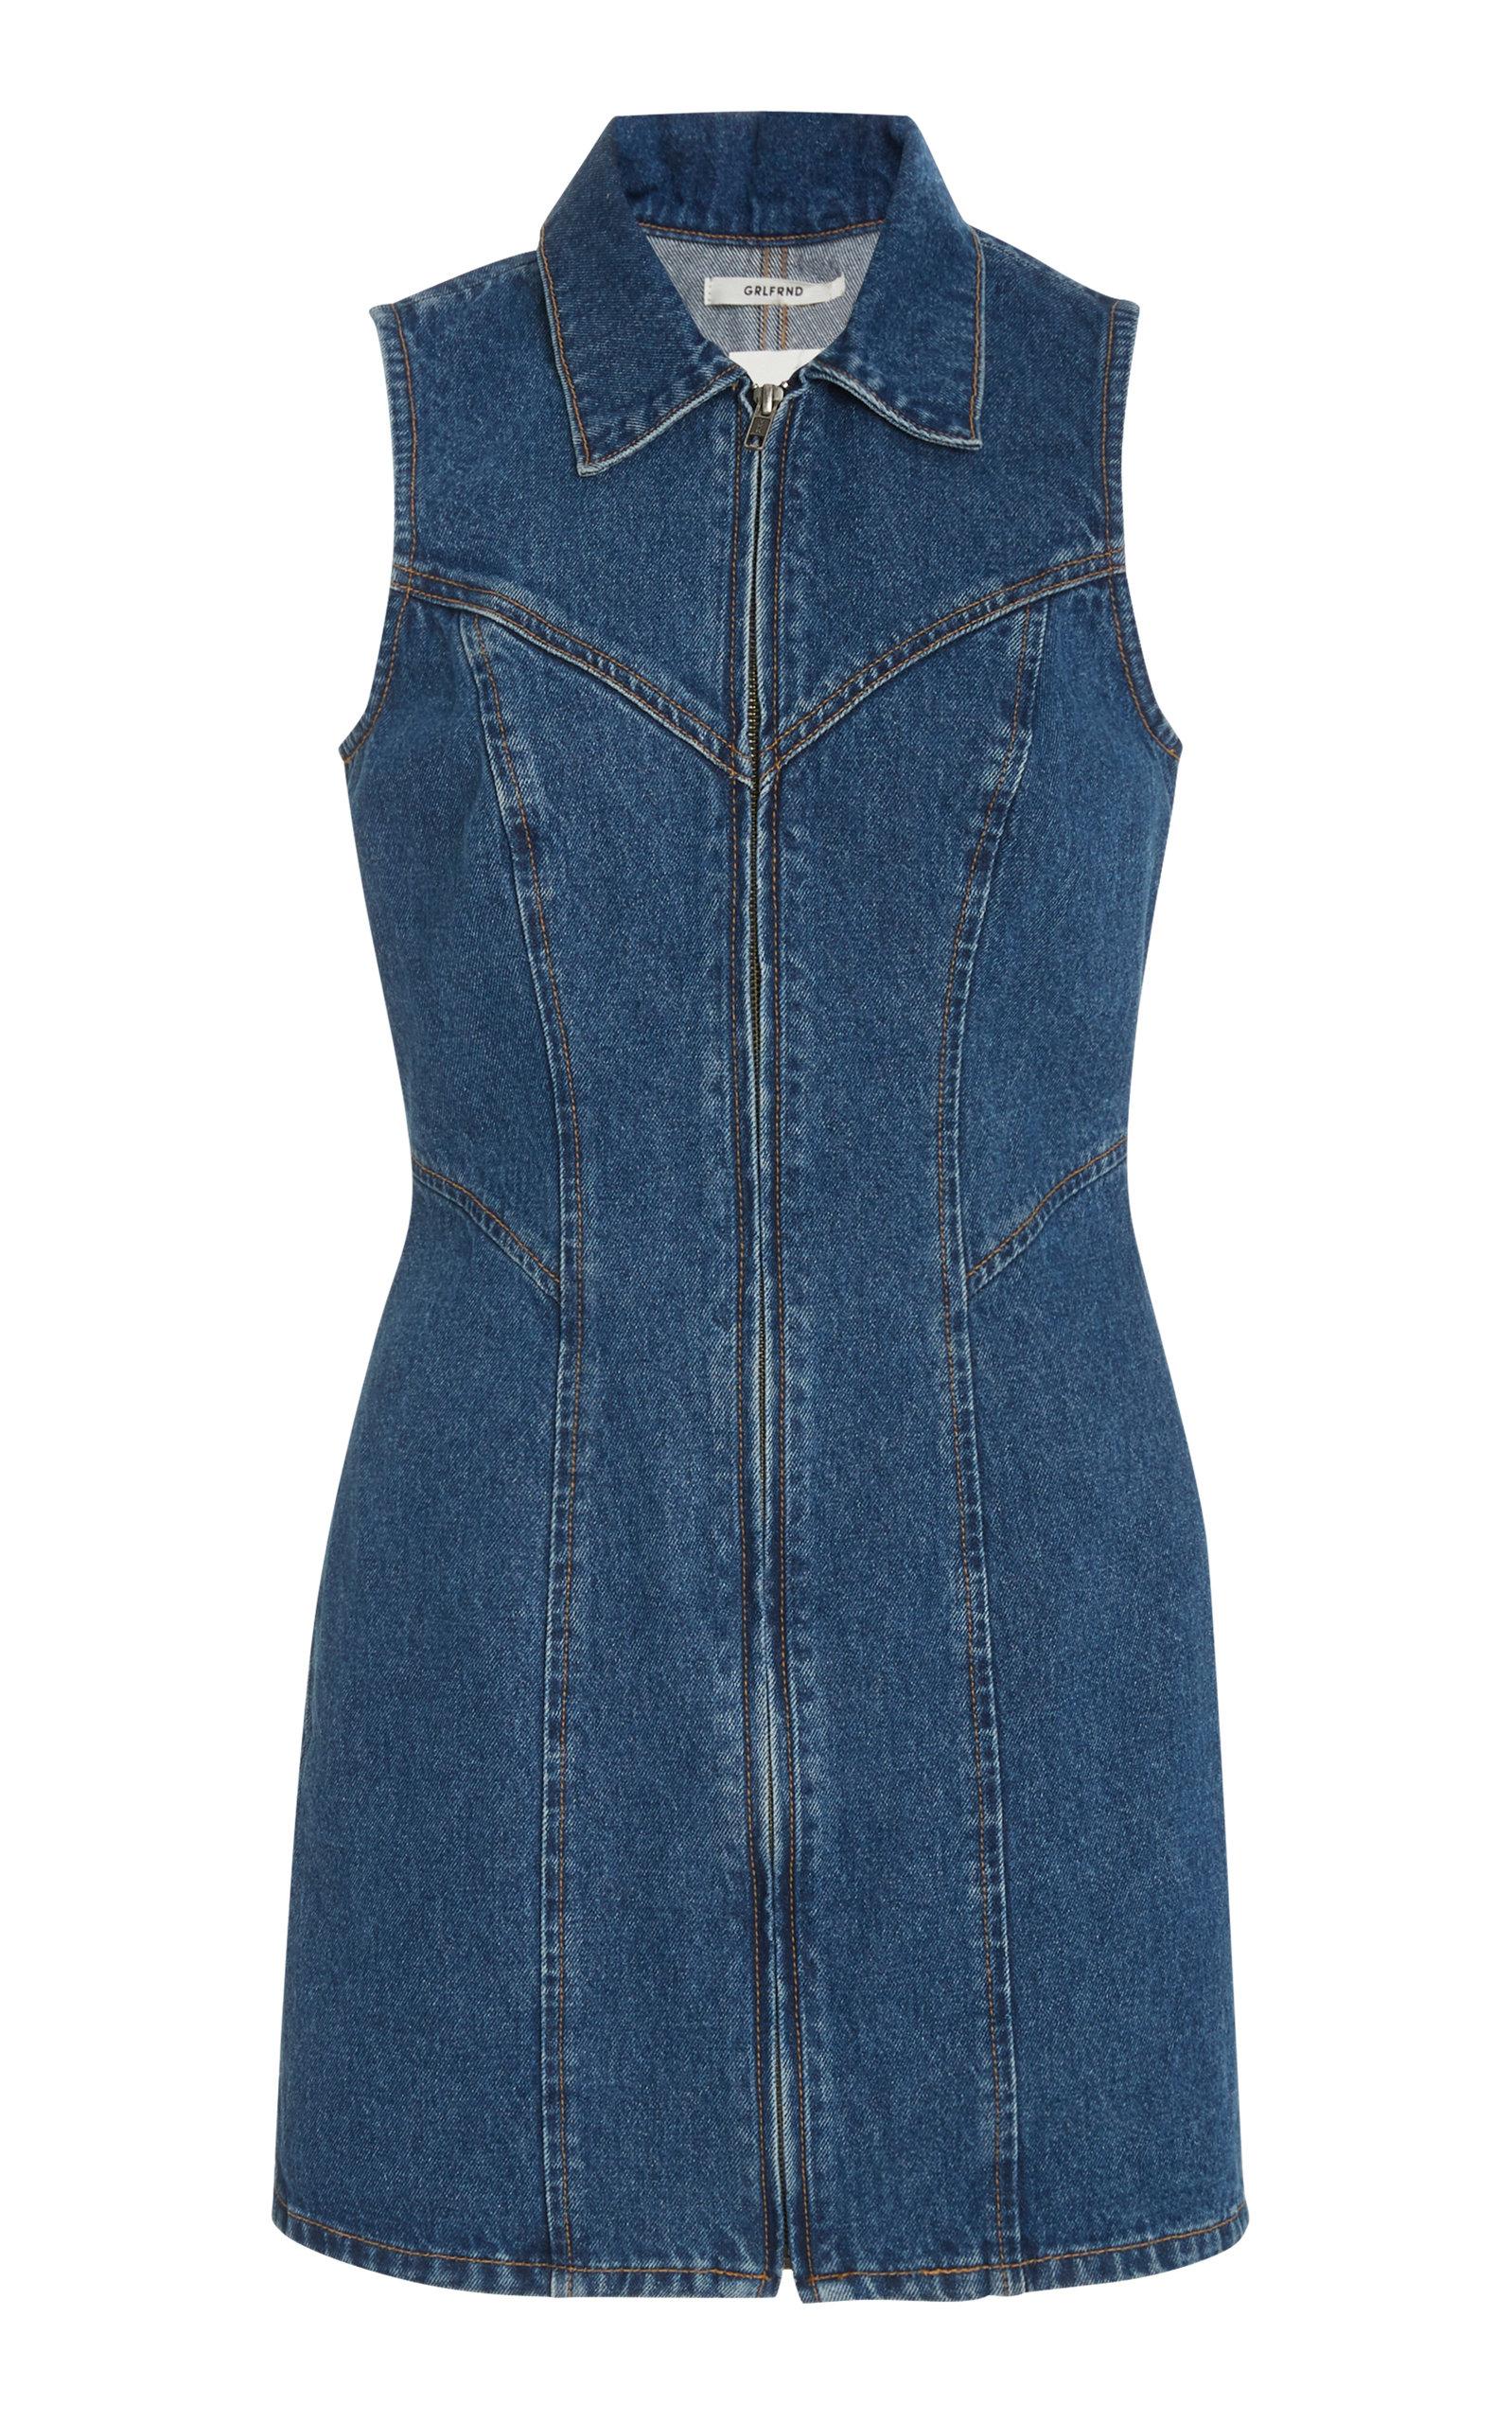 Buy GRLFRND Denim Colette Denim Mini Dress online, shop GRLFRND Denim at the best price